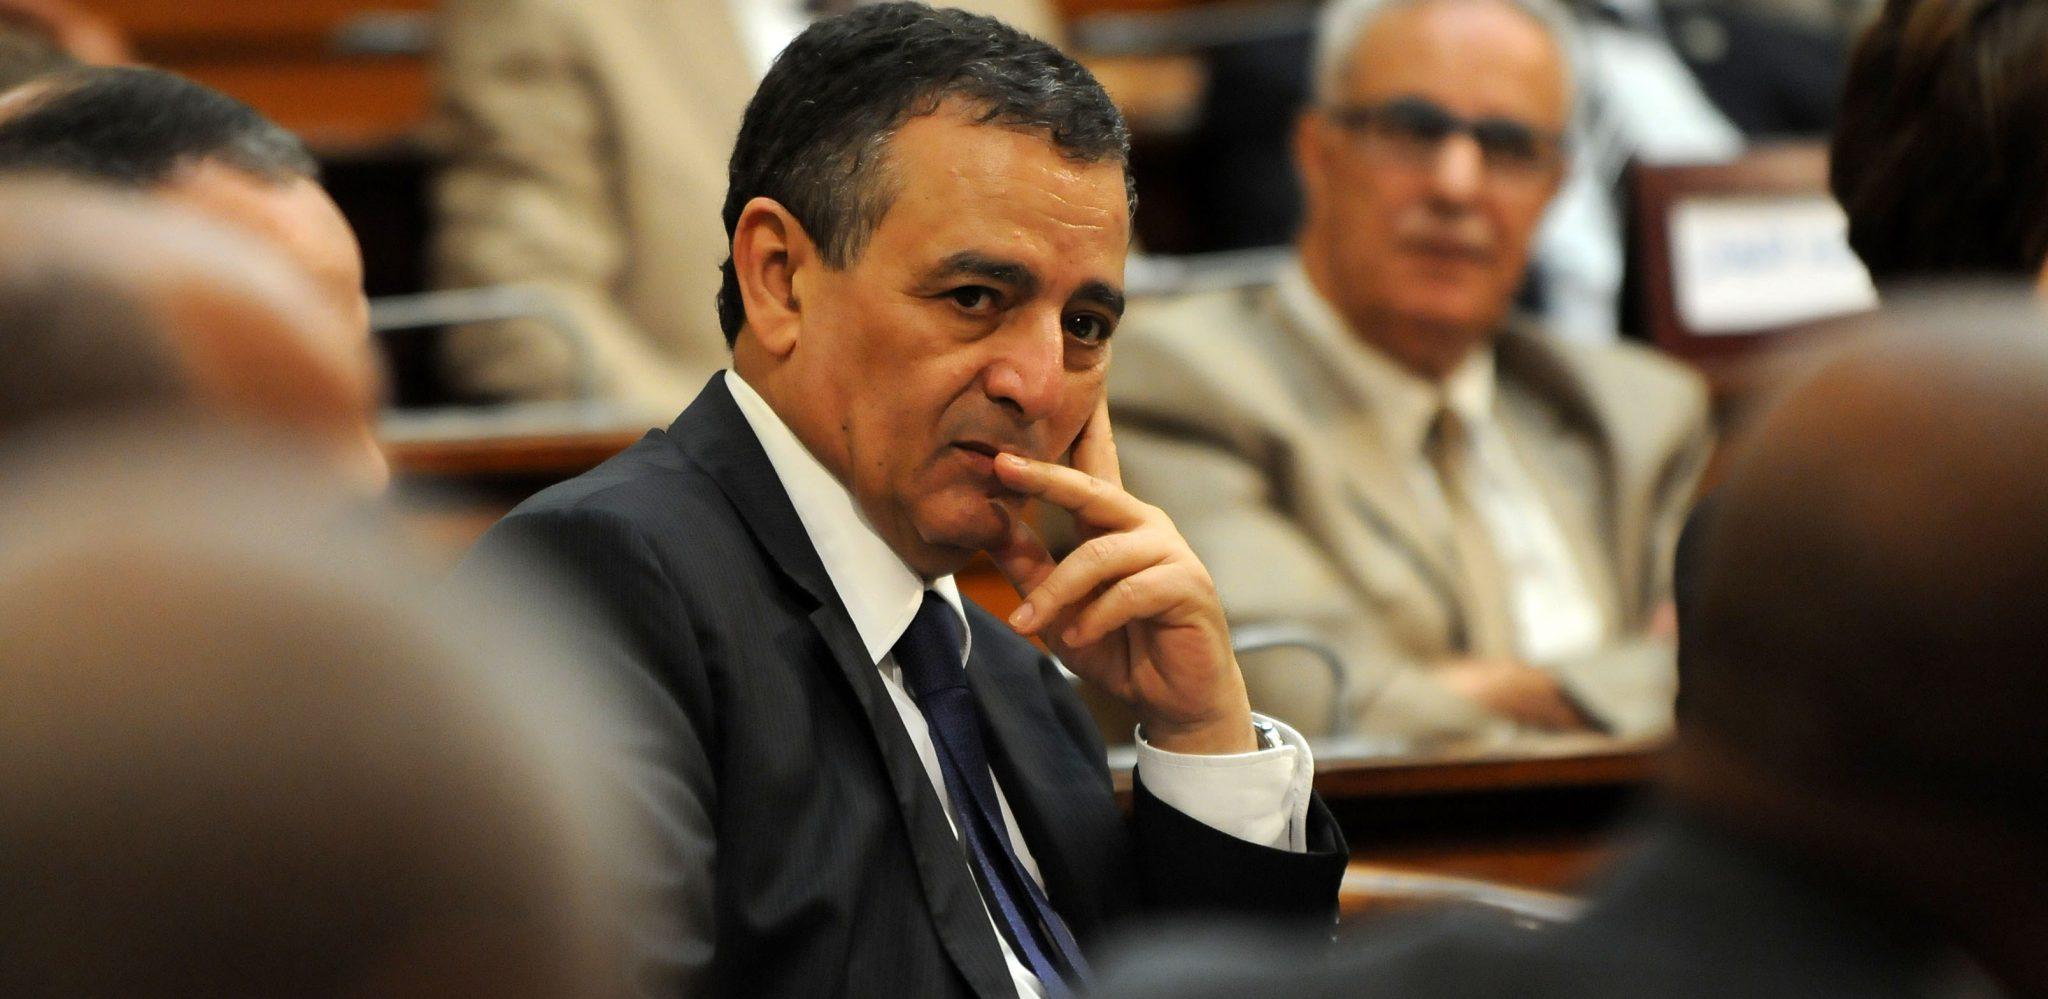 وزير الصناع الجزائري الأسبق بوشوارب الضالع في فضائح وثائق بنما